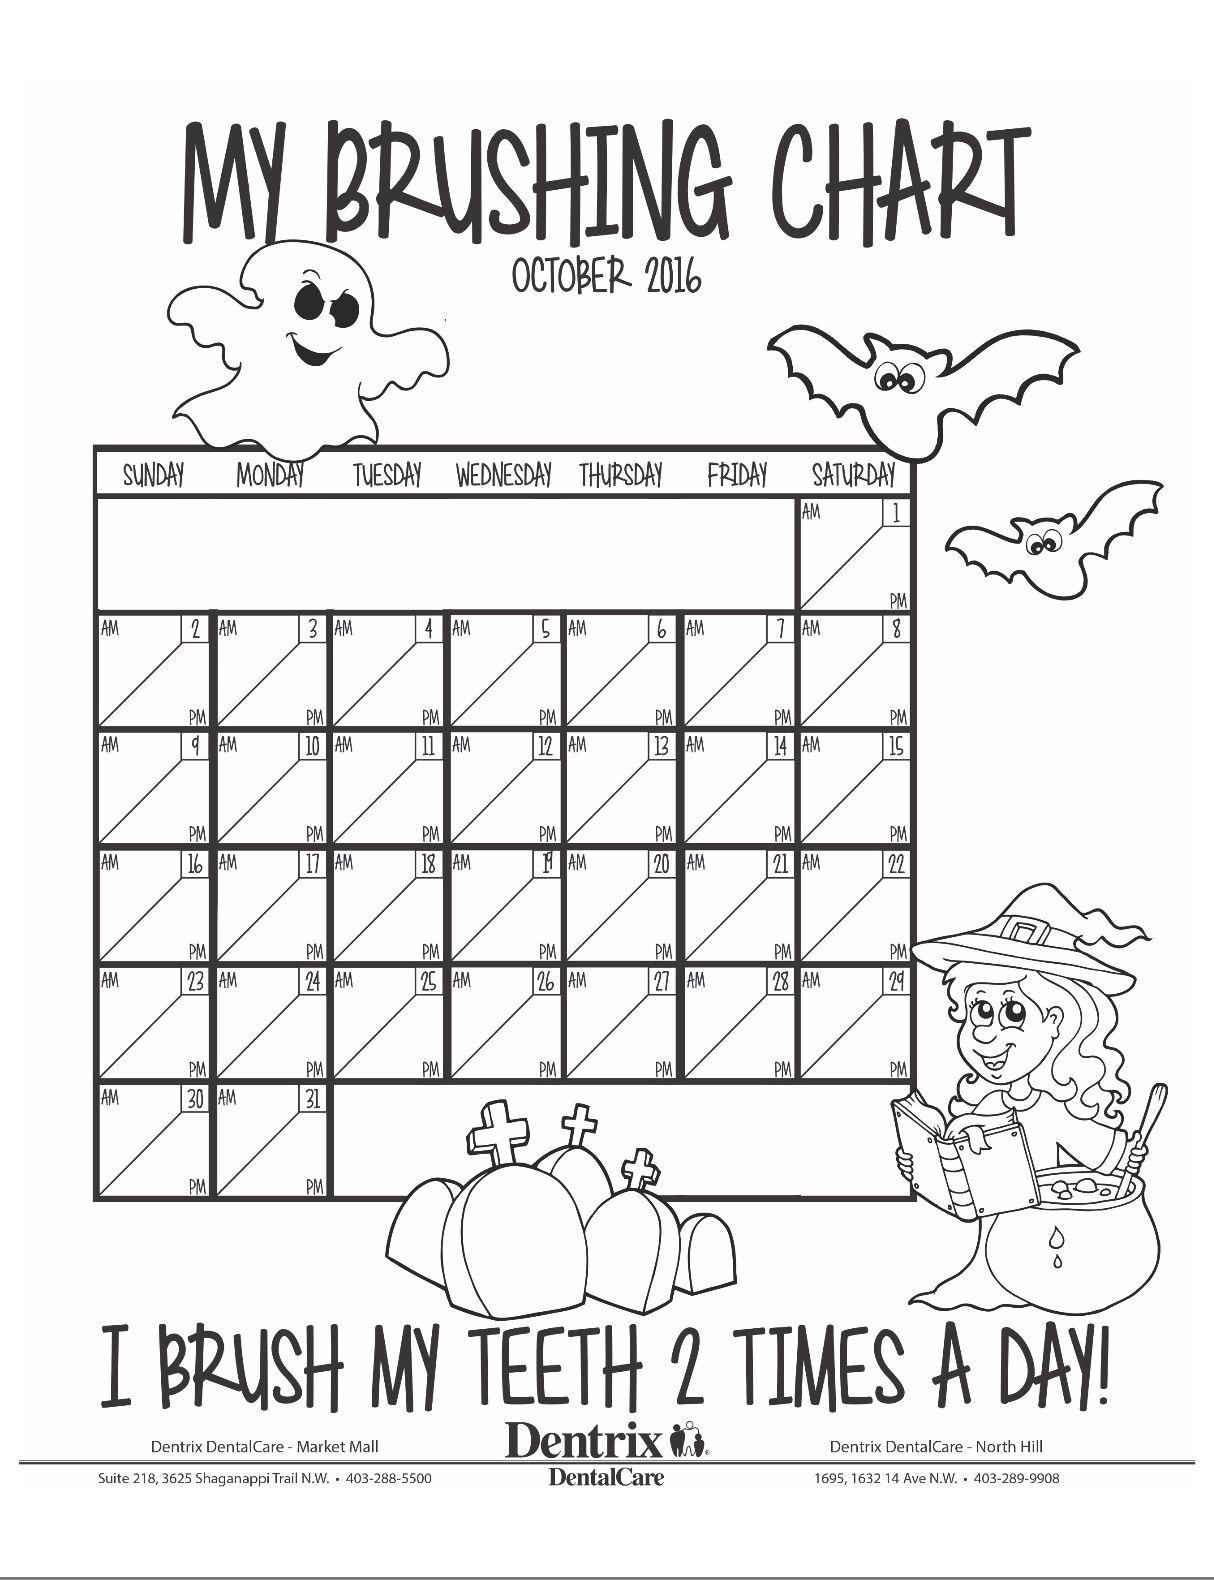 October Brushing Chart For Children